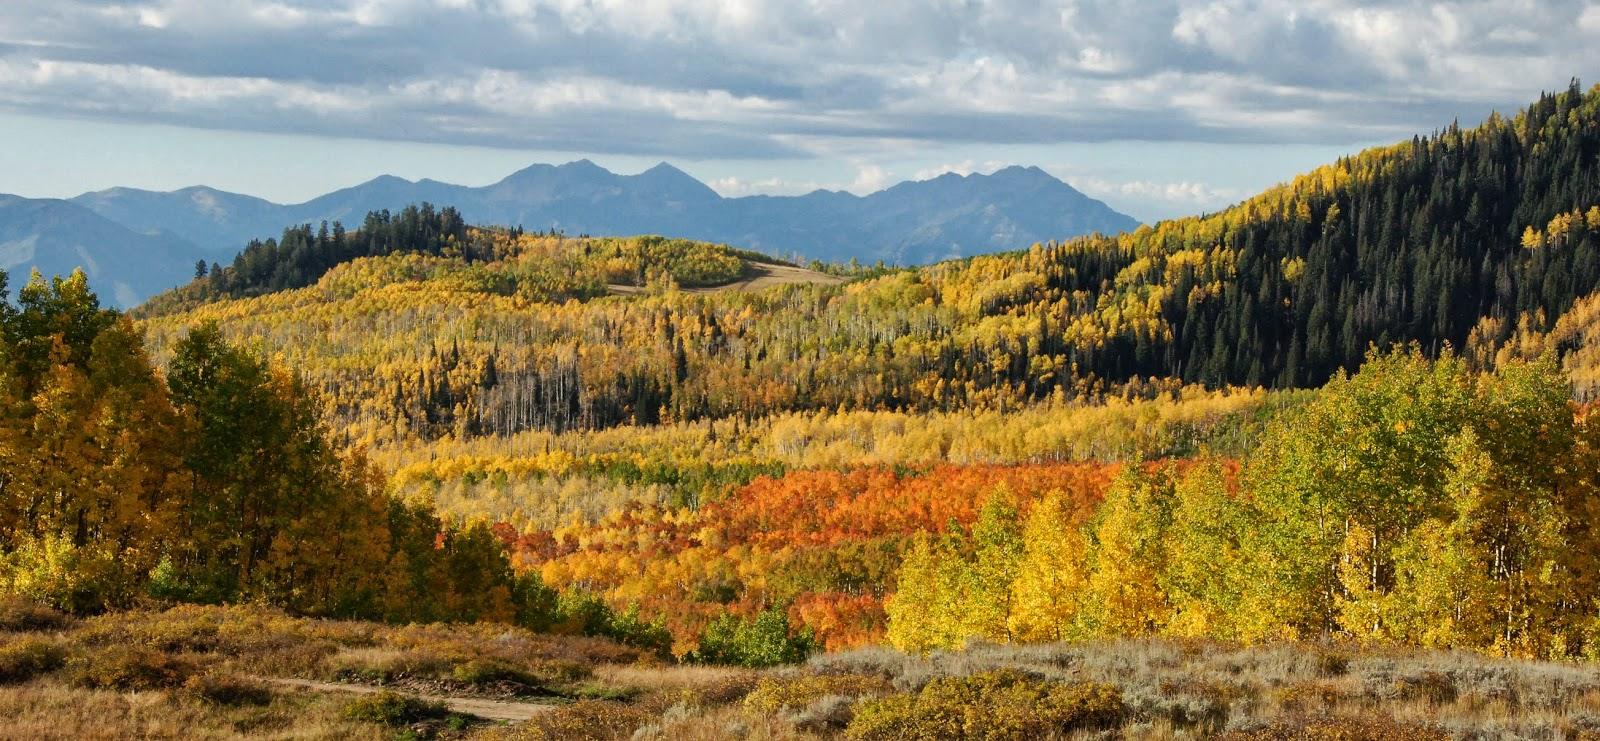 fall colors, empire pass, alpine loop, utah